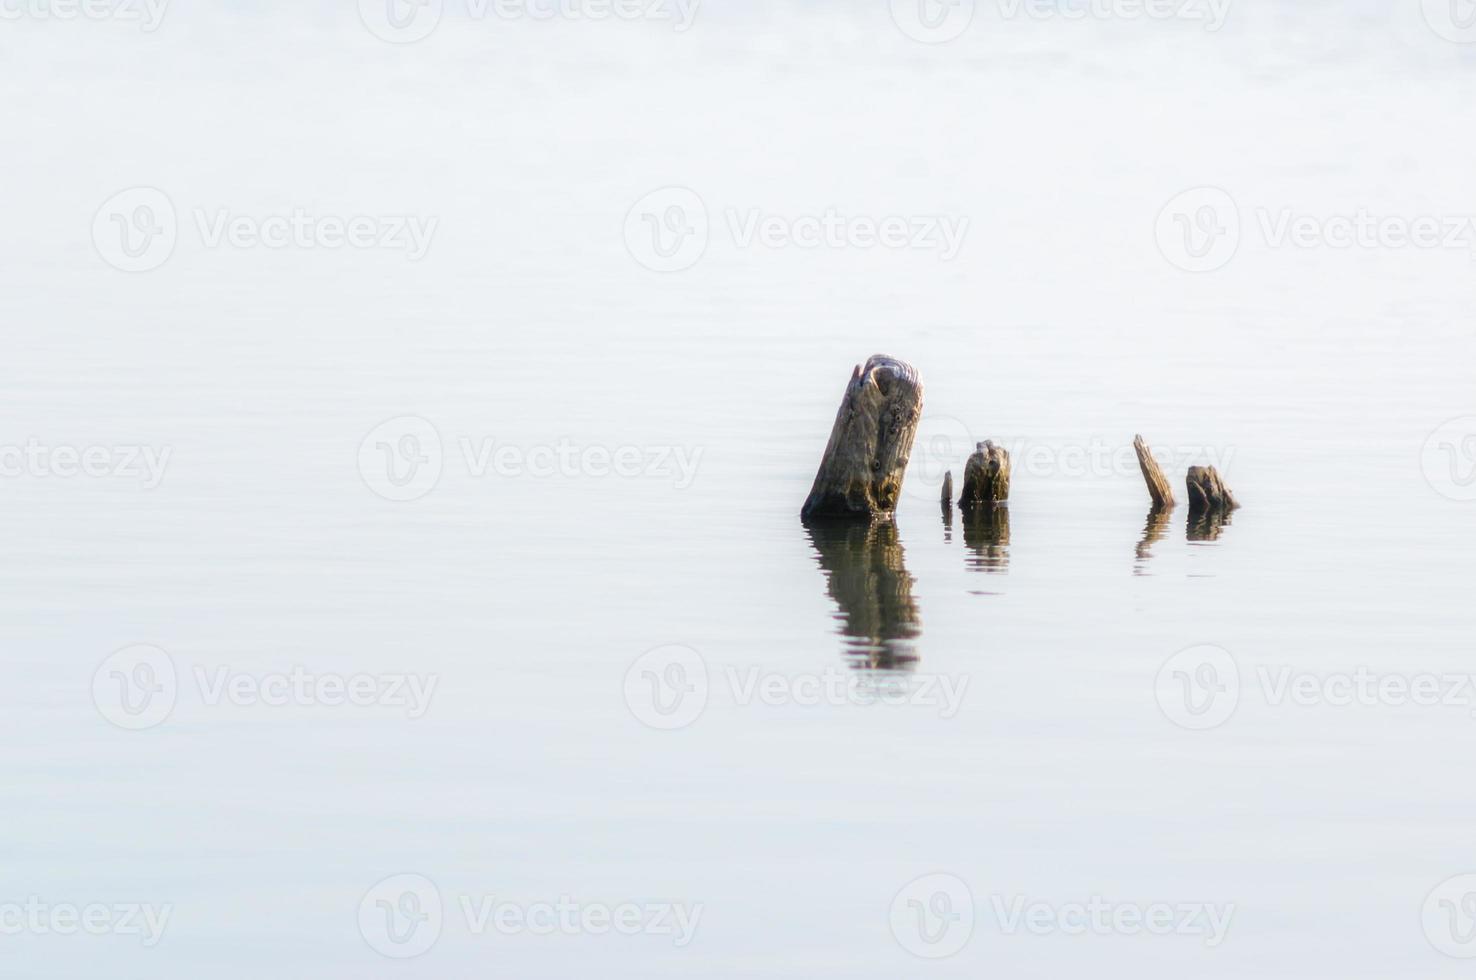 houten palen in water foto